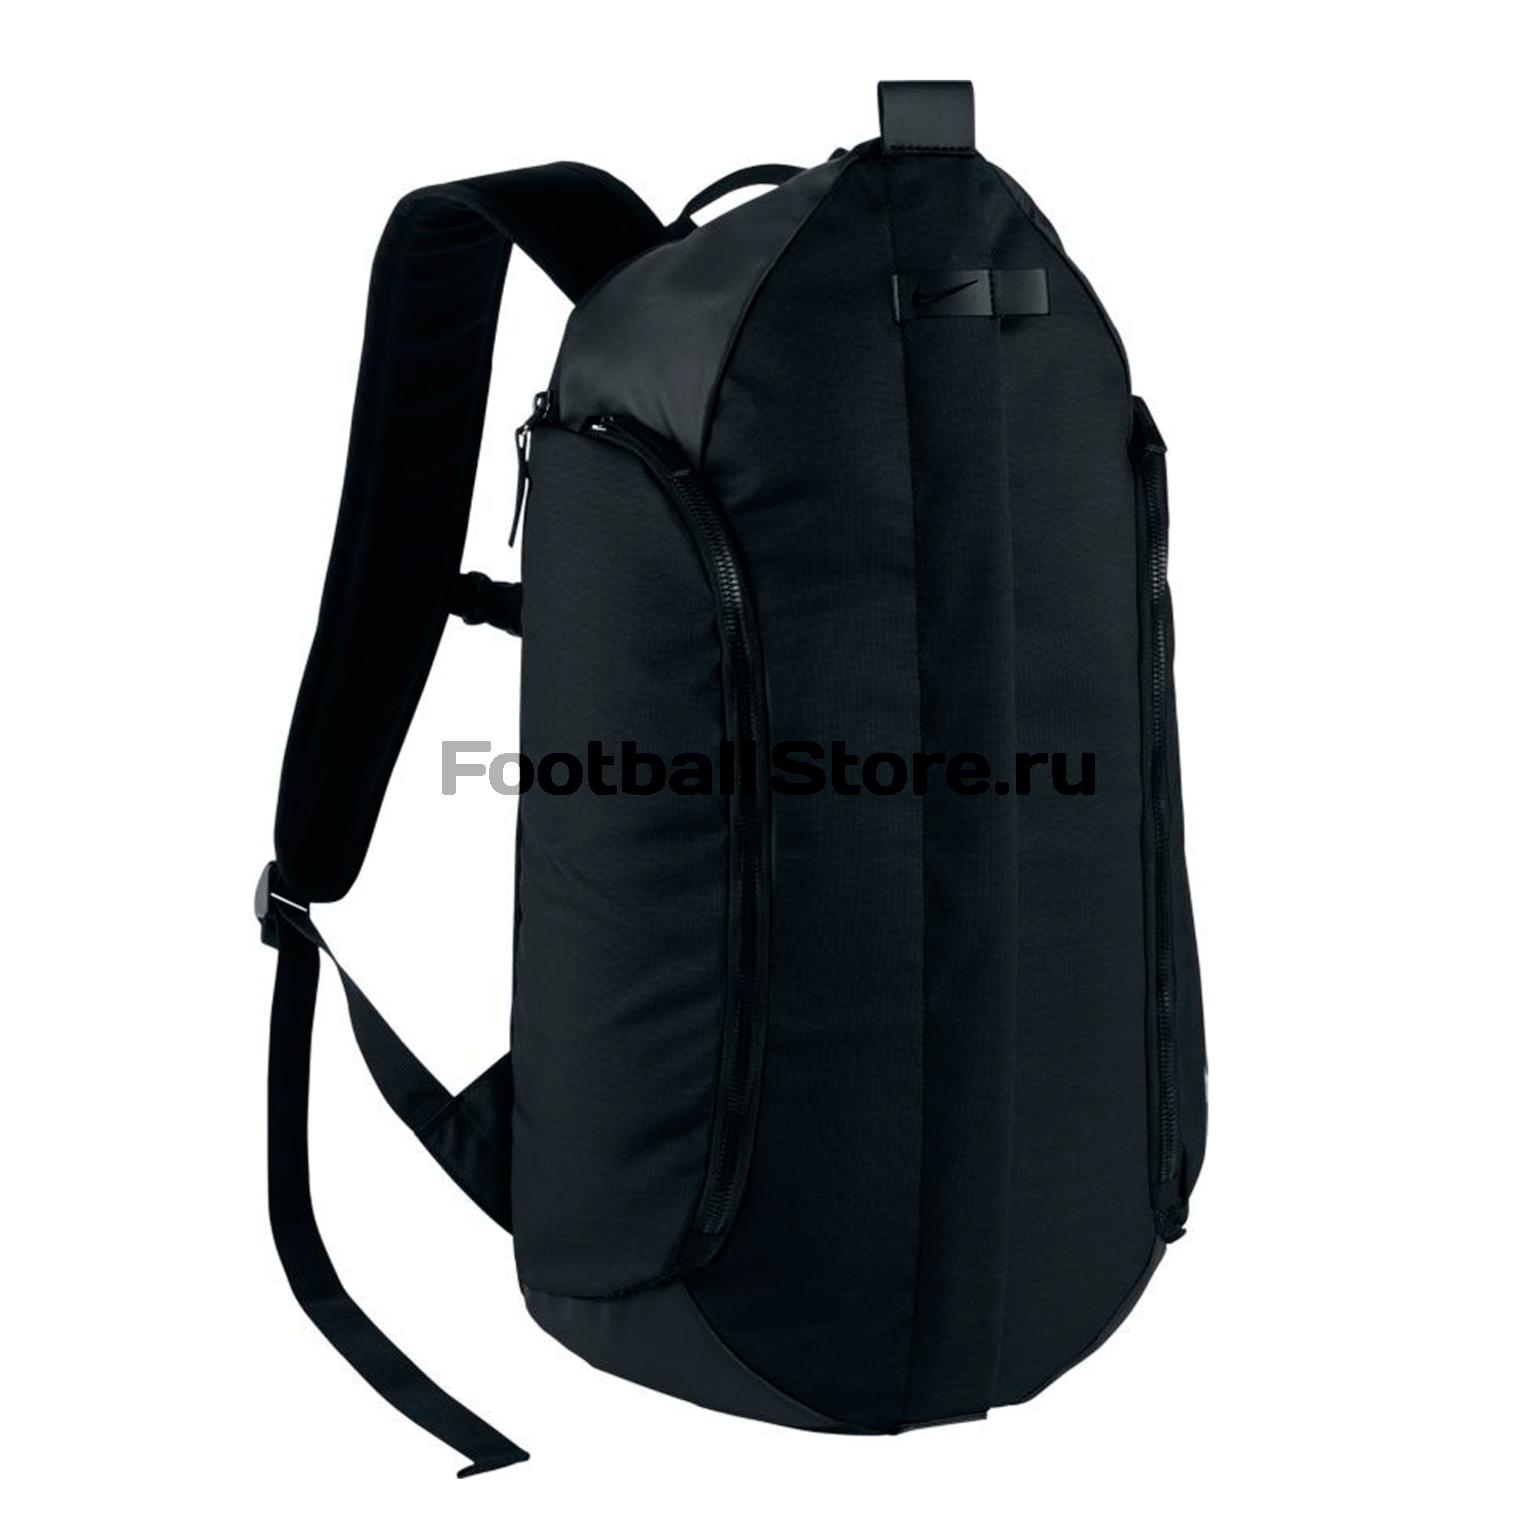 Сумки/Рюкзаки Nike Рюкзак Nike NK FB BKPK BA5316-010 рюкзаки nike рюкзак nk sb crths bkpk